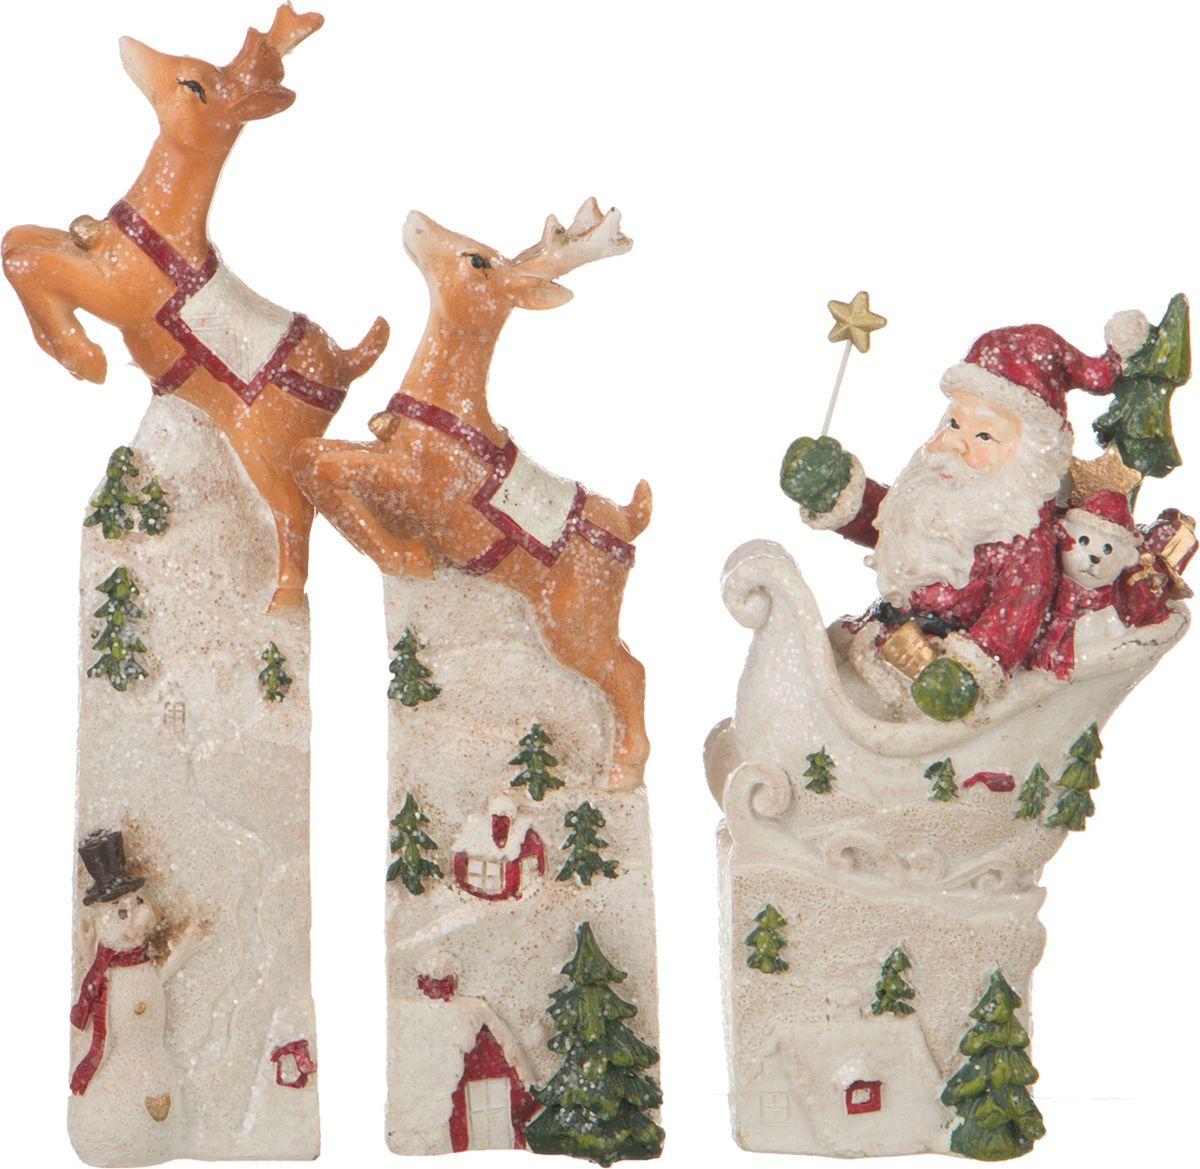 Набор праздничных фигурок Lefard Рождество, 3 шт. BH0785441S набор сундучков roura decoracion 3 шт 34783